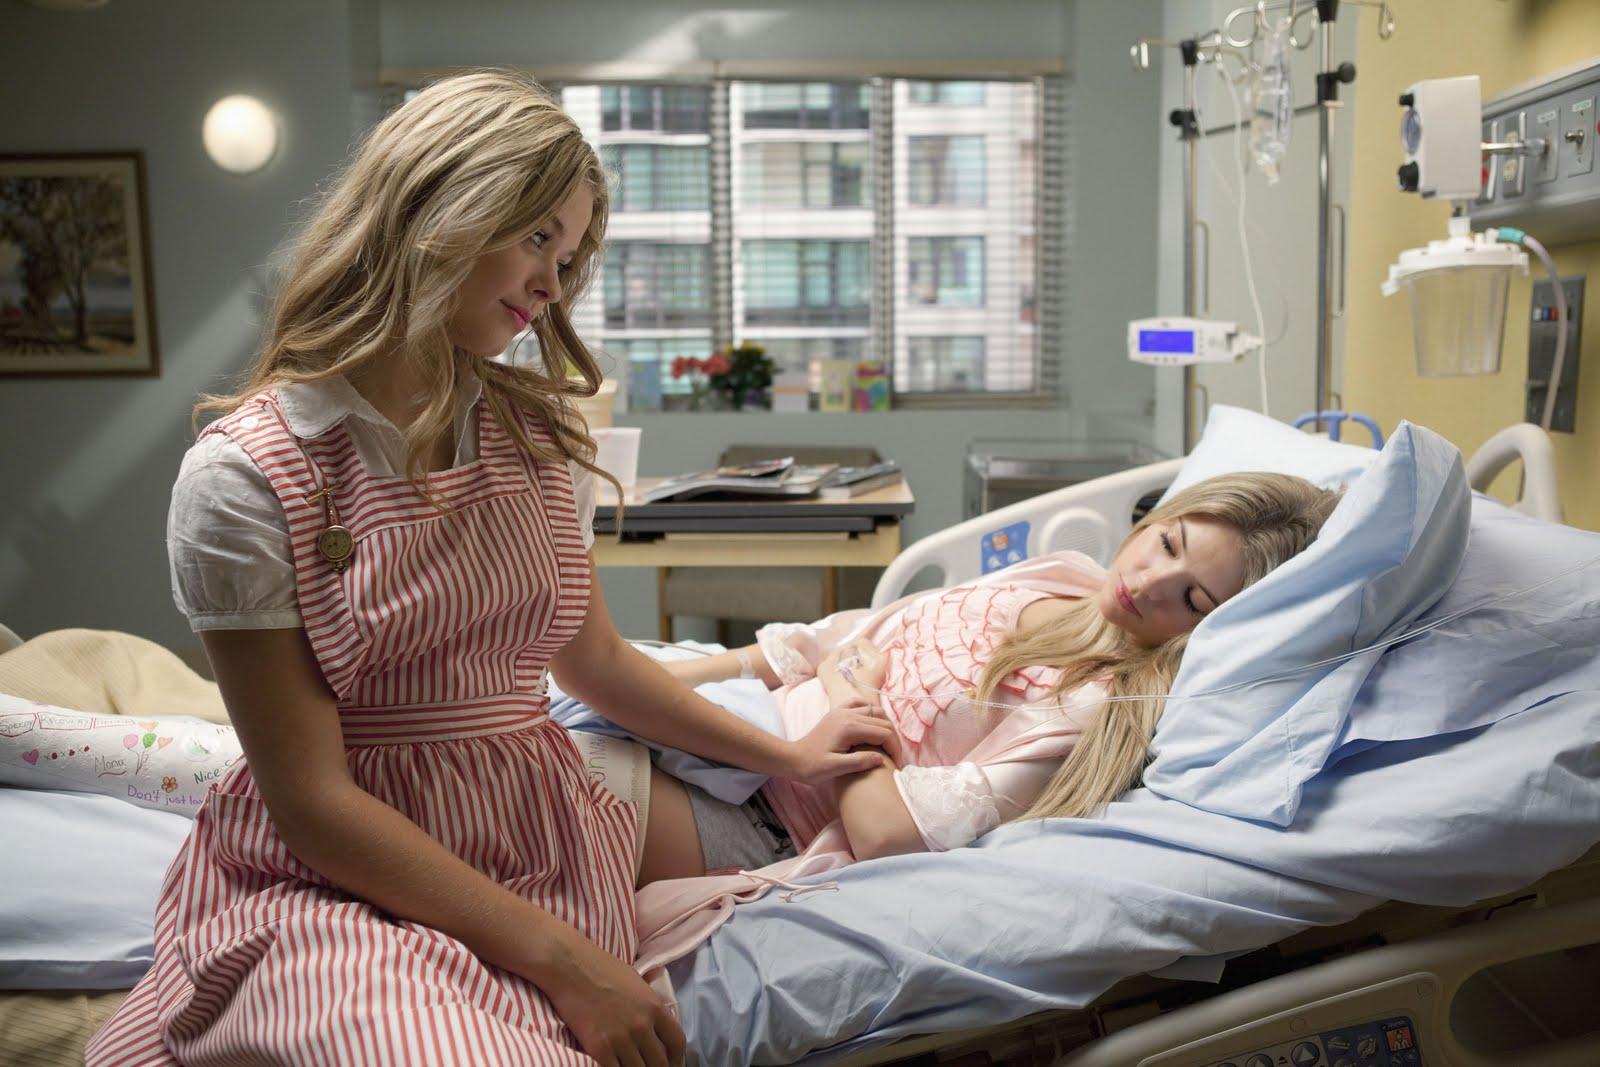 Смотреть девушек лежать в больнице онлайн фото 11 фотография